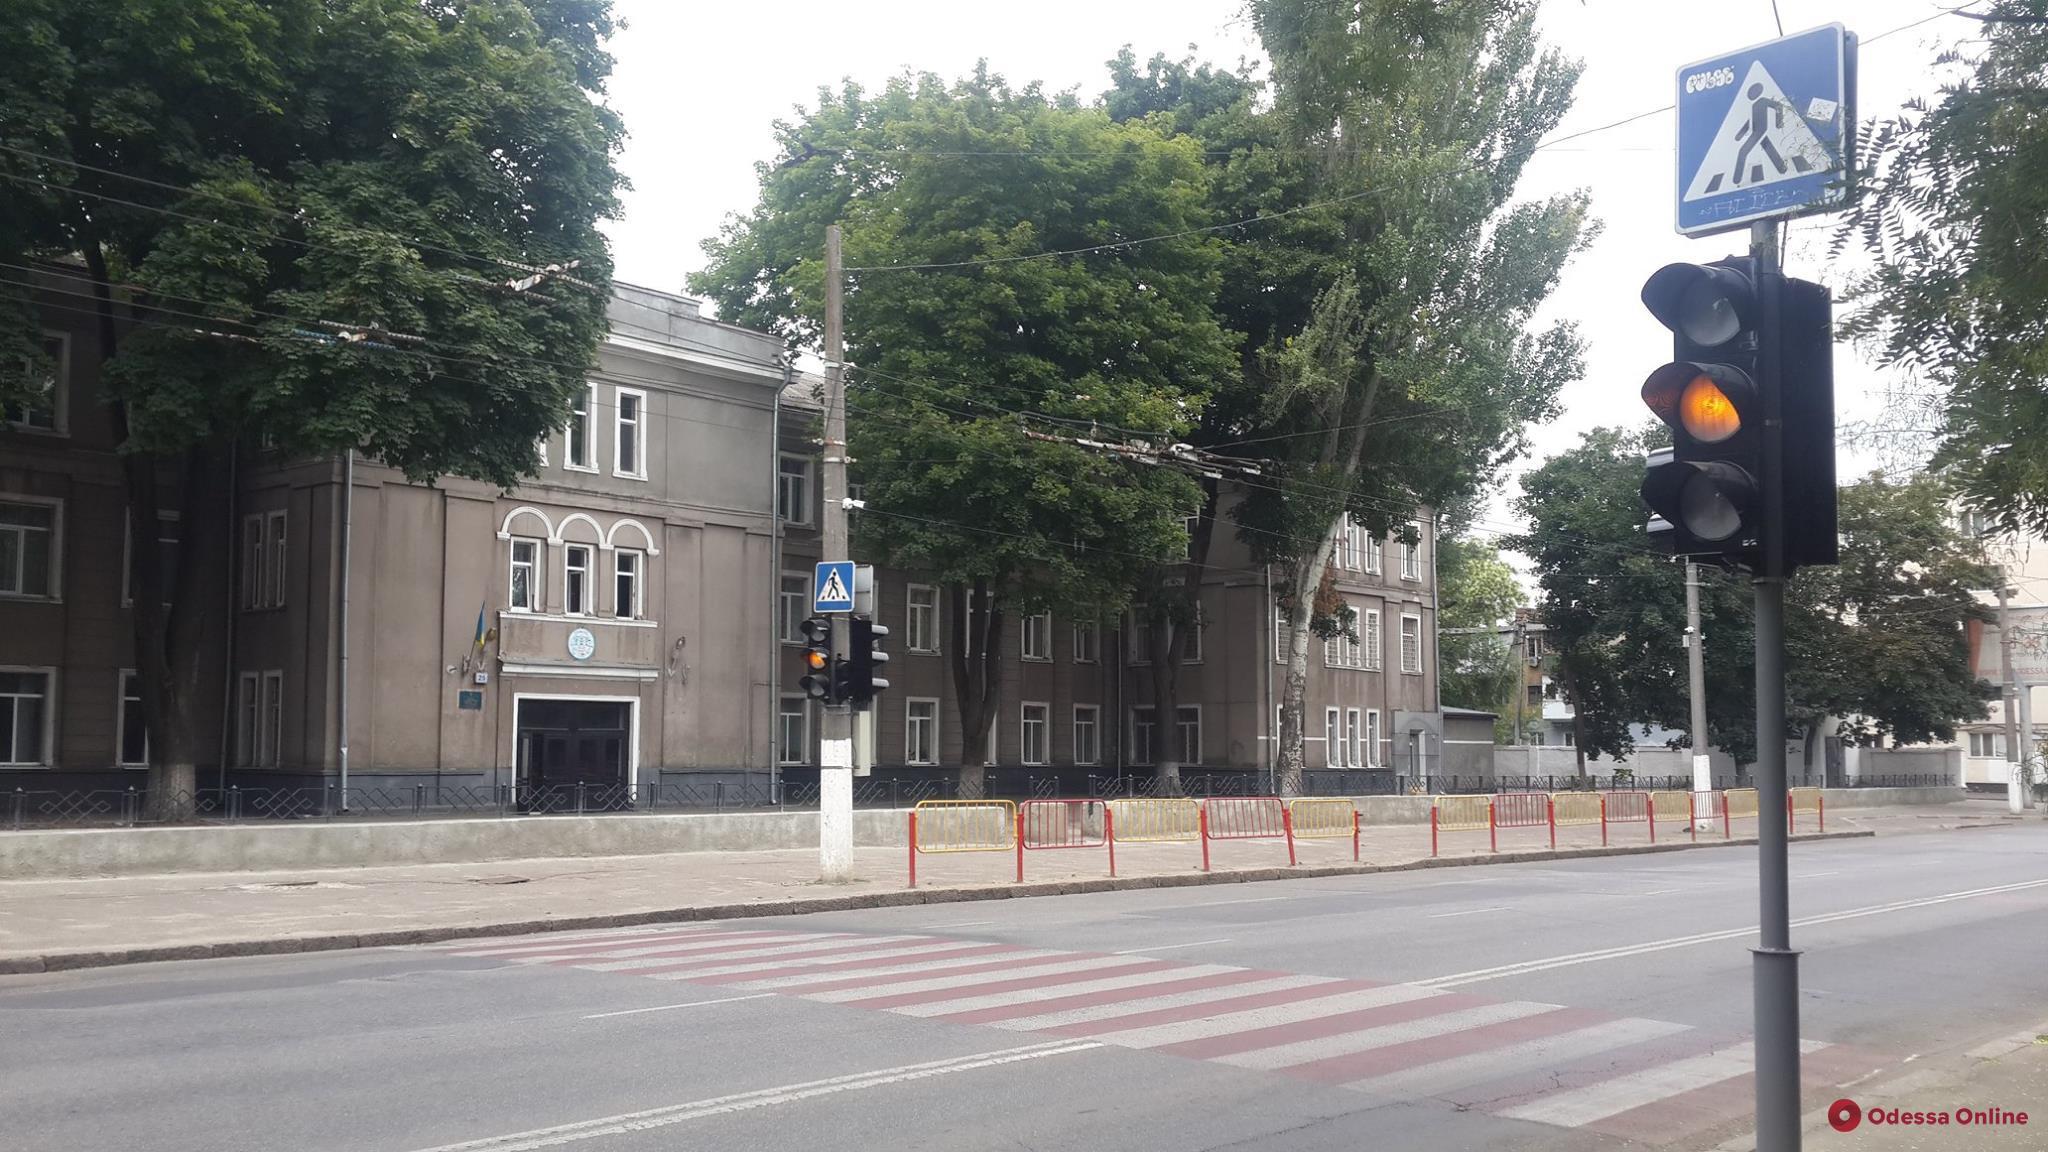 Одесса: возле школы на Пироговской установили новый светофор